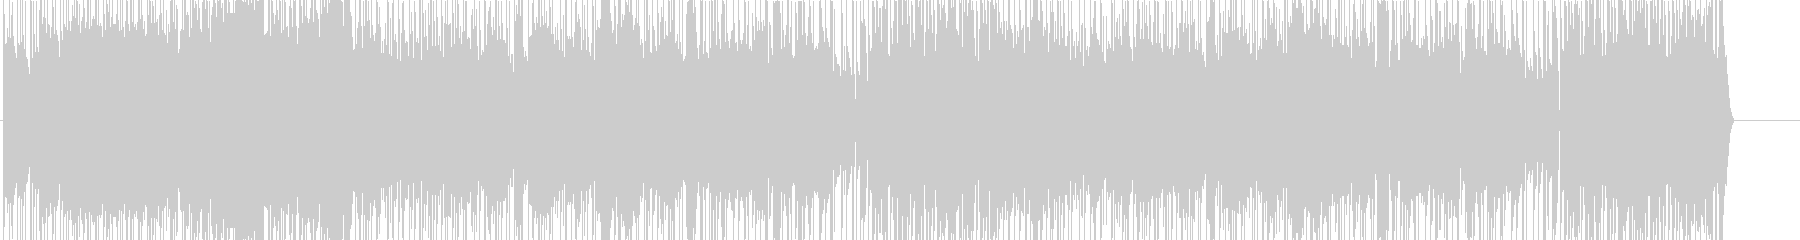 ゲーム音楽風シンセウェーブ楽曲の未再生の波形